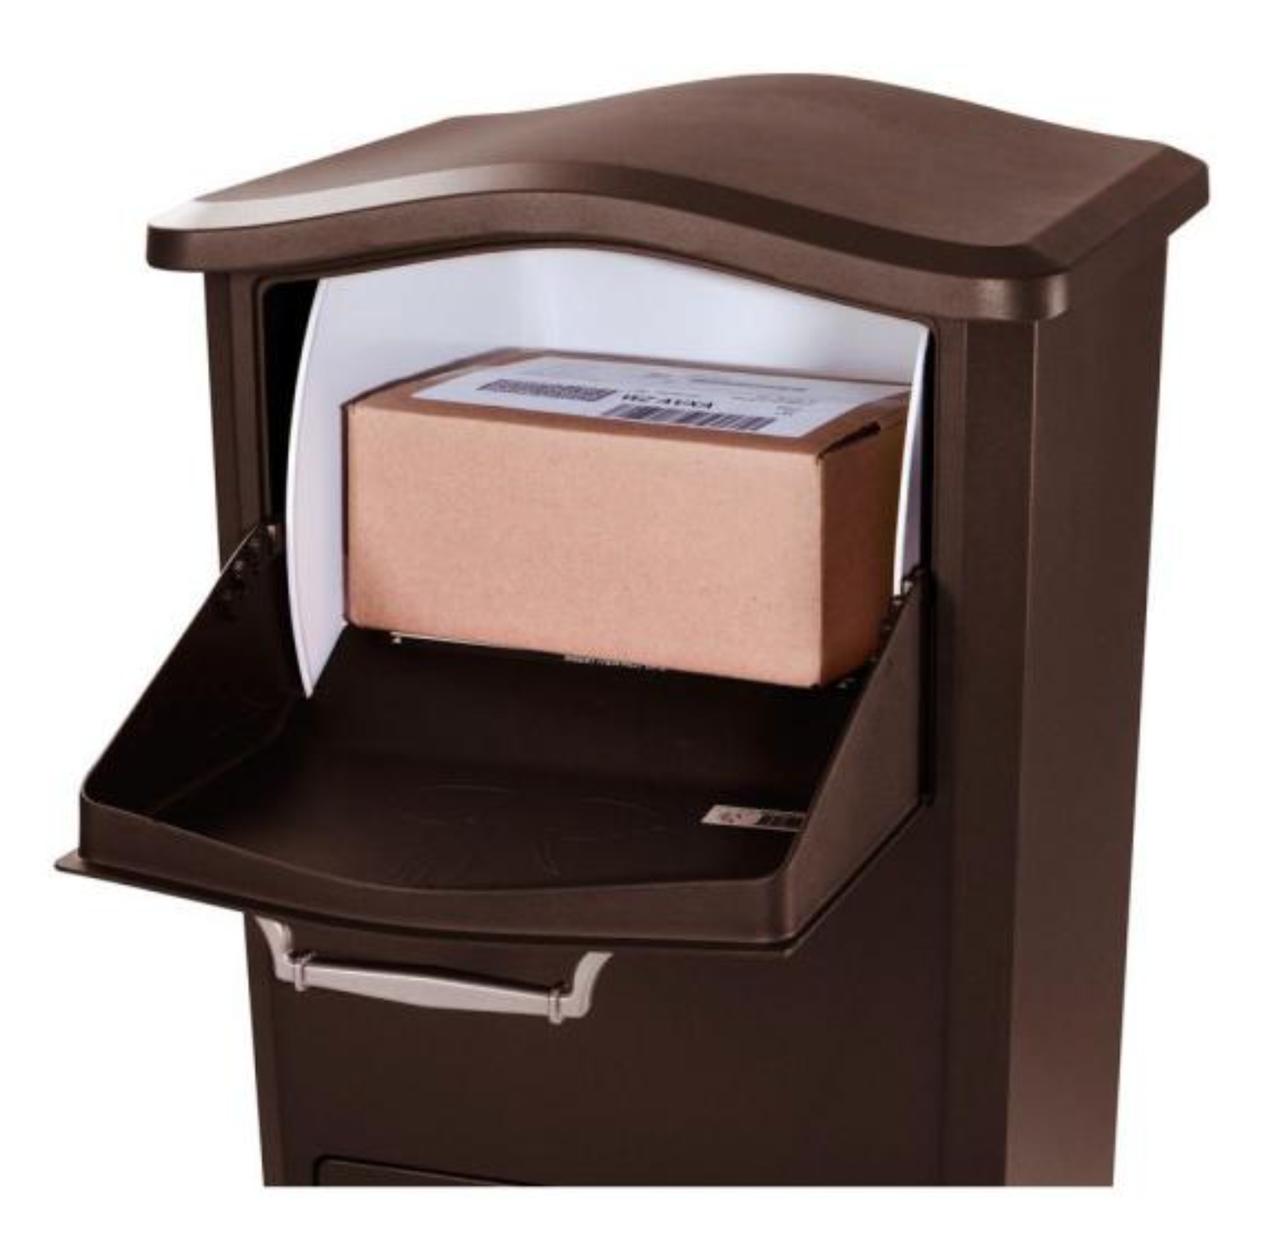 Top drop door open with package inside